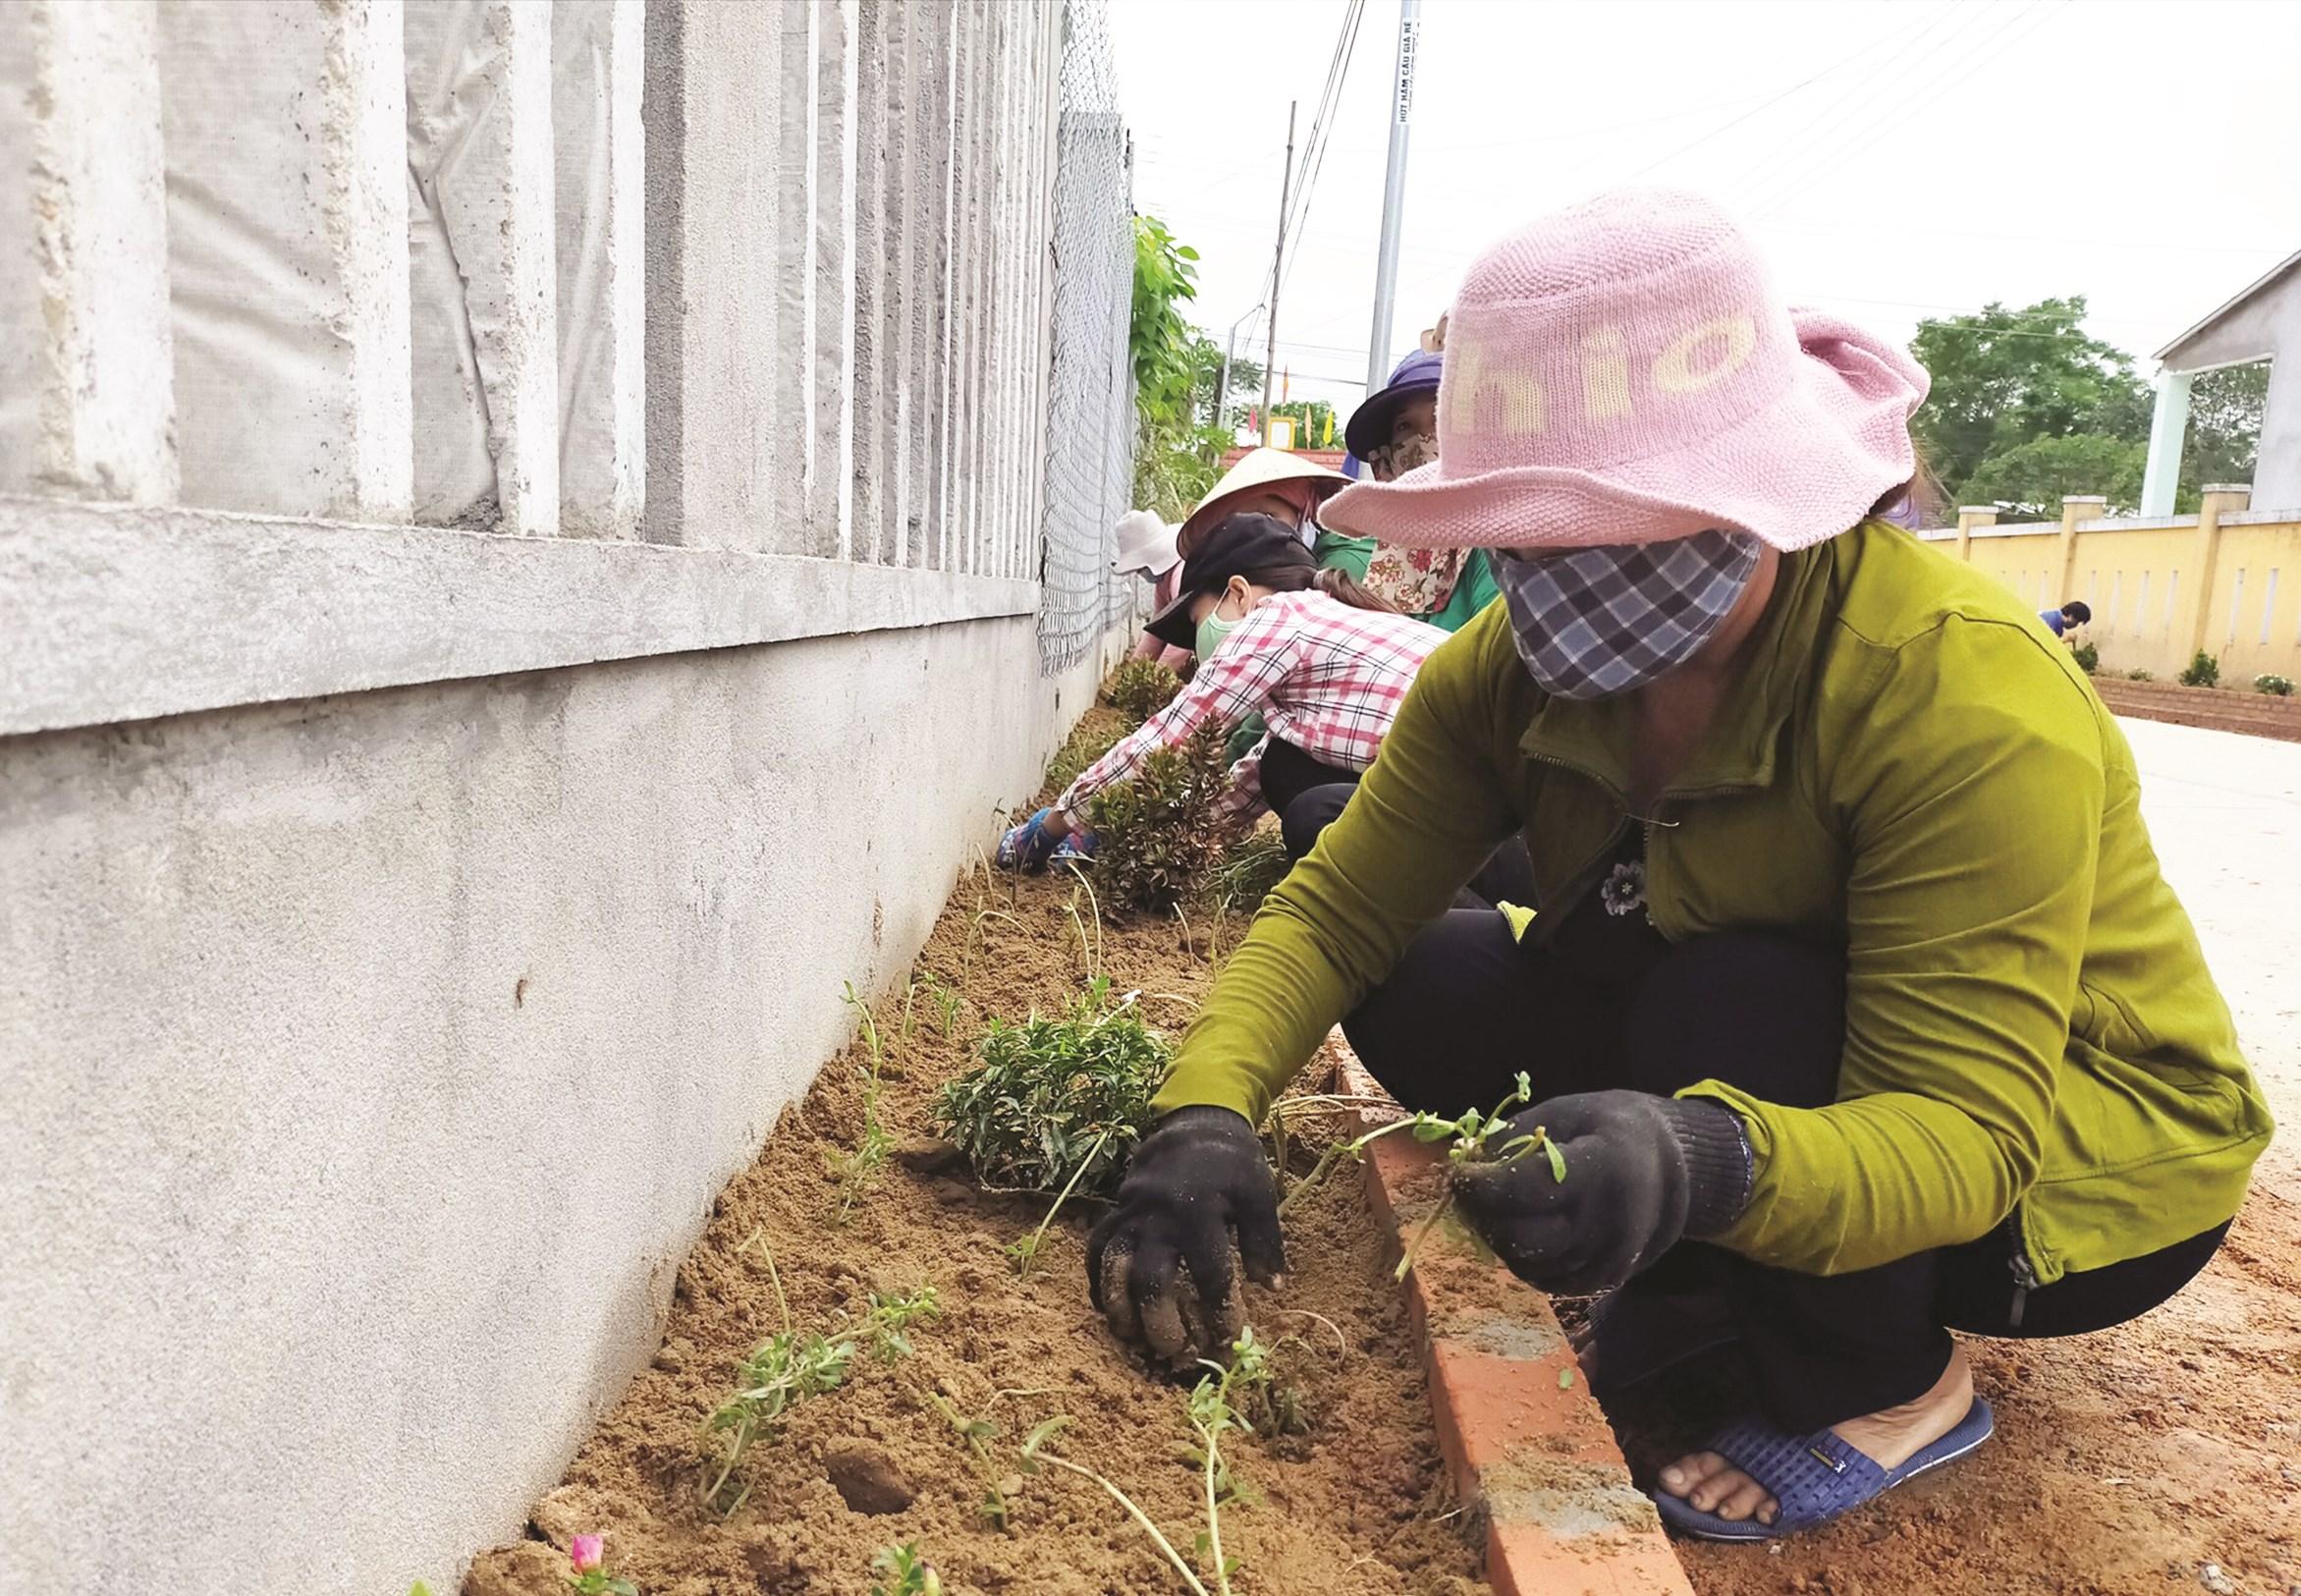 Nhân dân thôn An Hòa (Duy Xuyên, Quảng Nam) tổ chức trồng hoa trên tuyến đường thôn